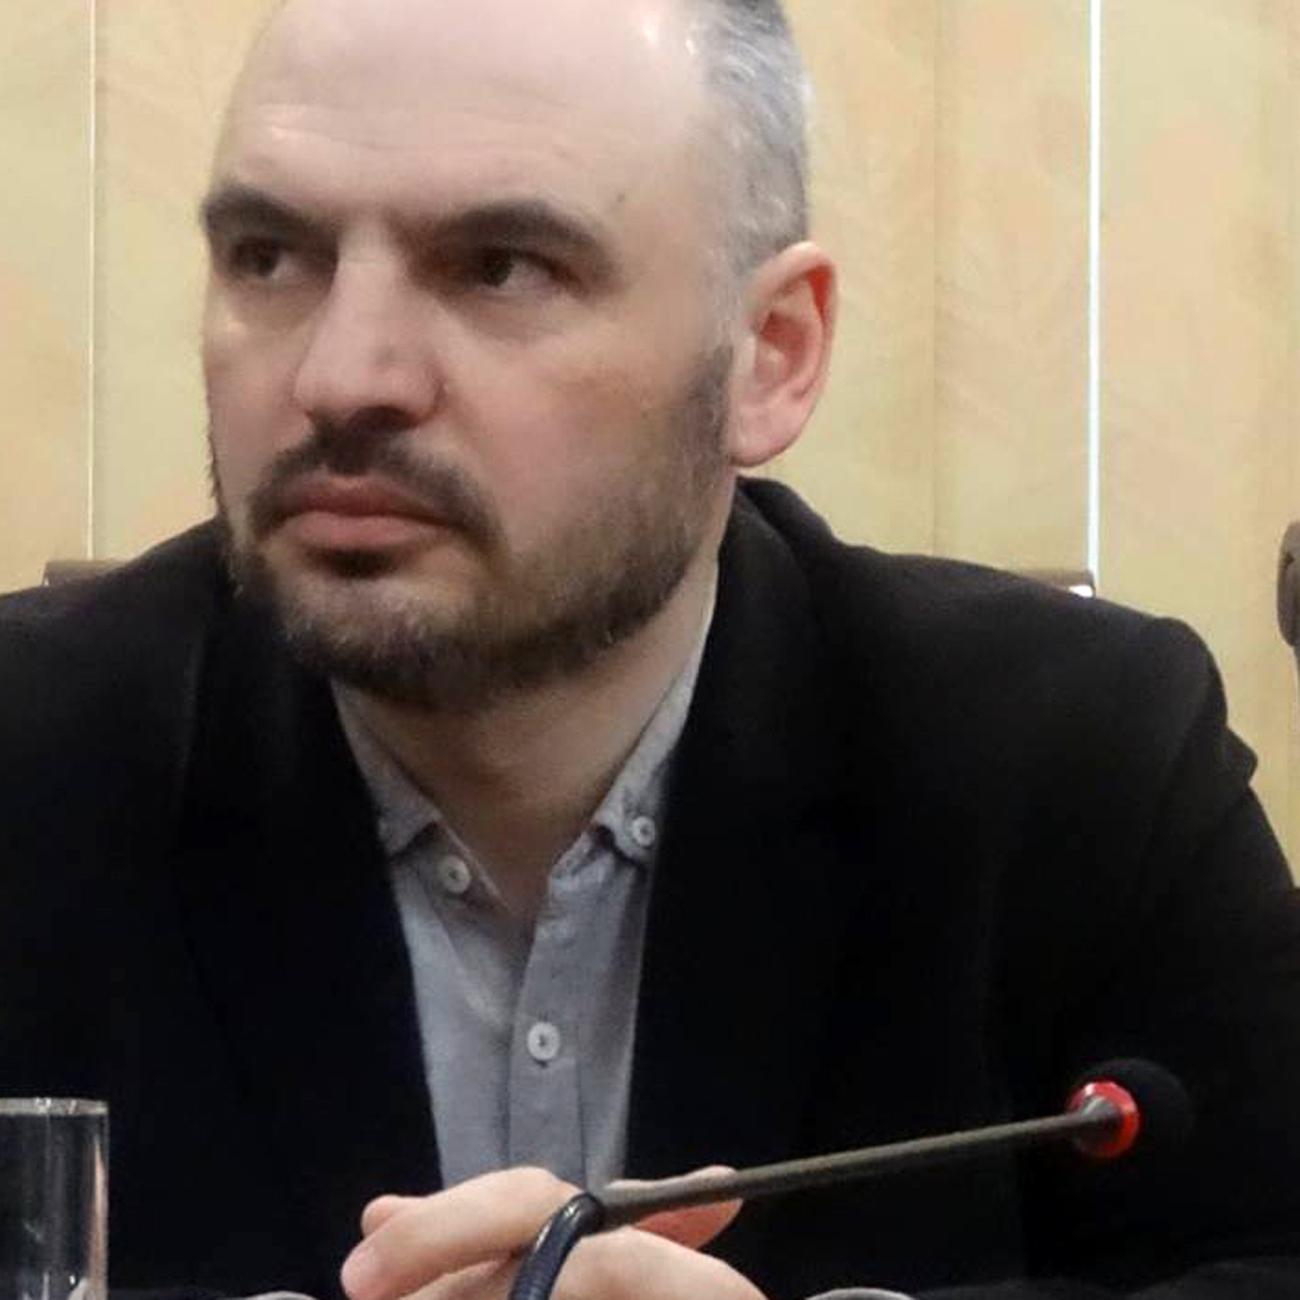 Hasan Nalgijev, Inguš, poslovnež in ustanovitelj dobrodelnega sklada Tešam. Vir: Press Photo